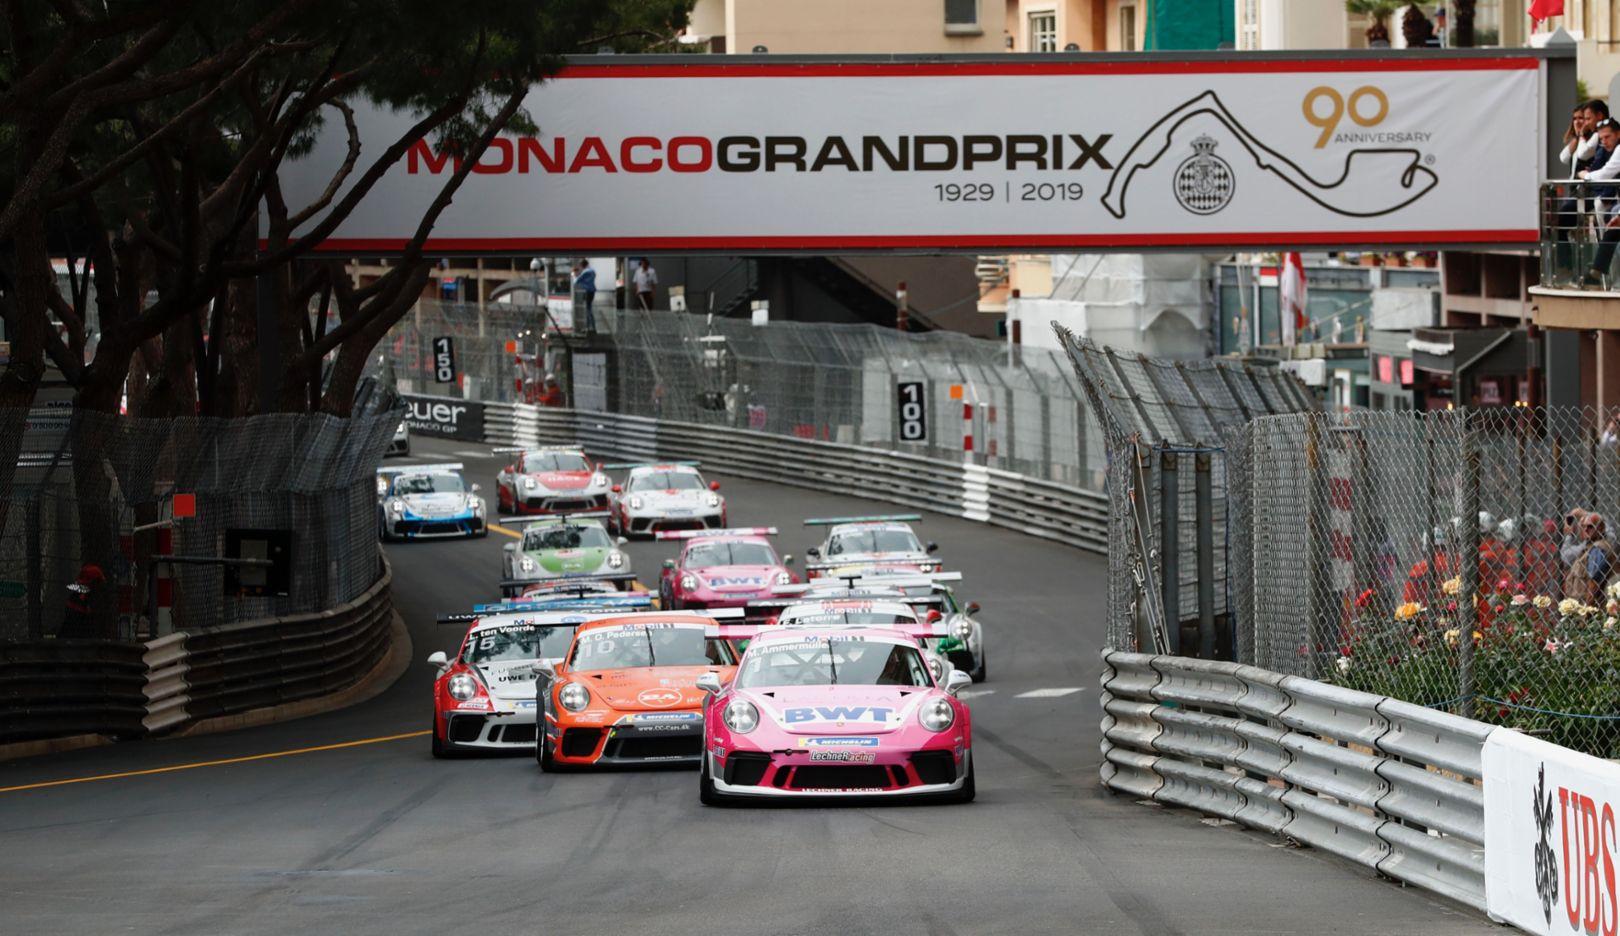 911 GT3 Cup, Porsche Mobil 1 Supercup, race, run 2, Monte Carlo/Monaco, 2019, Porsche AG